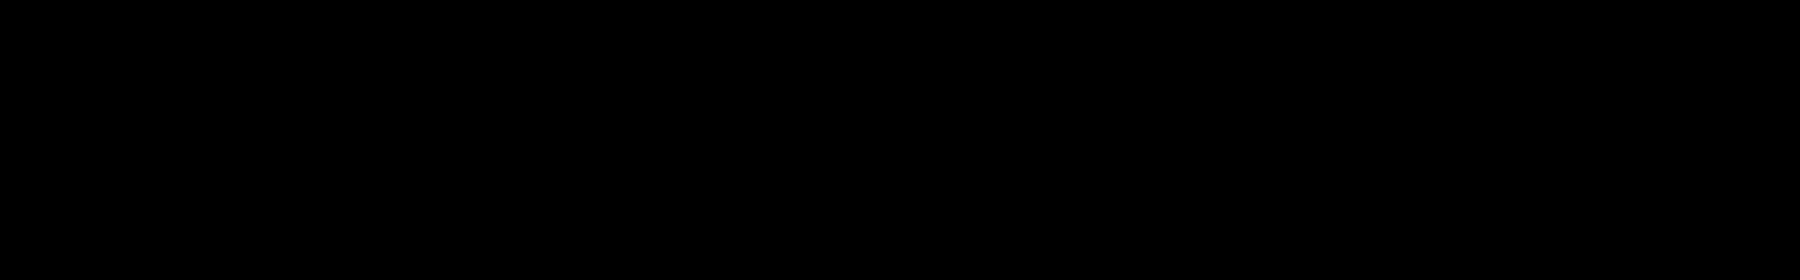 Trap Elements audio waveform